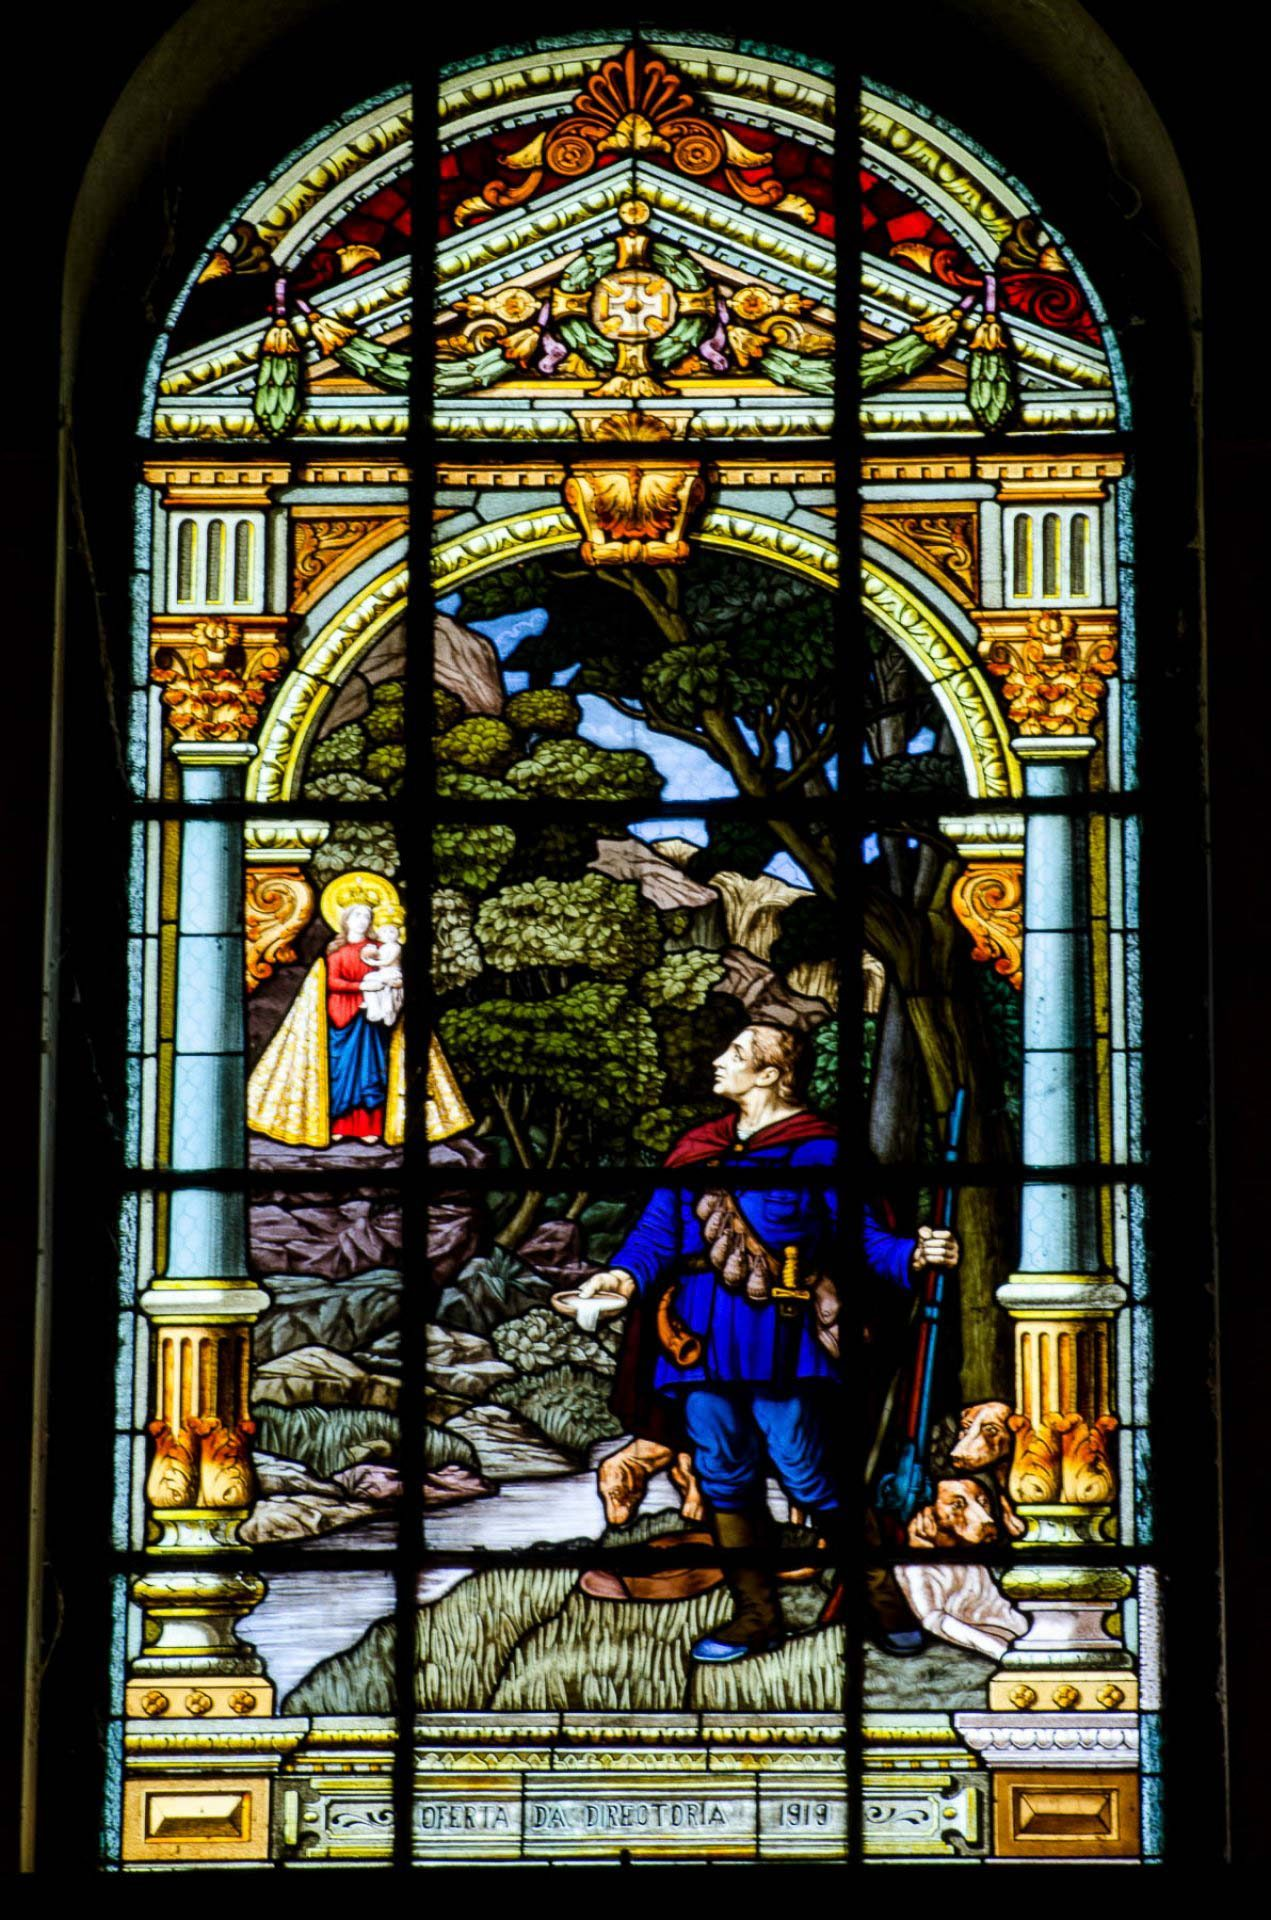 Plácido caçador encontra a imagem - Vitrais da Basílica de Na